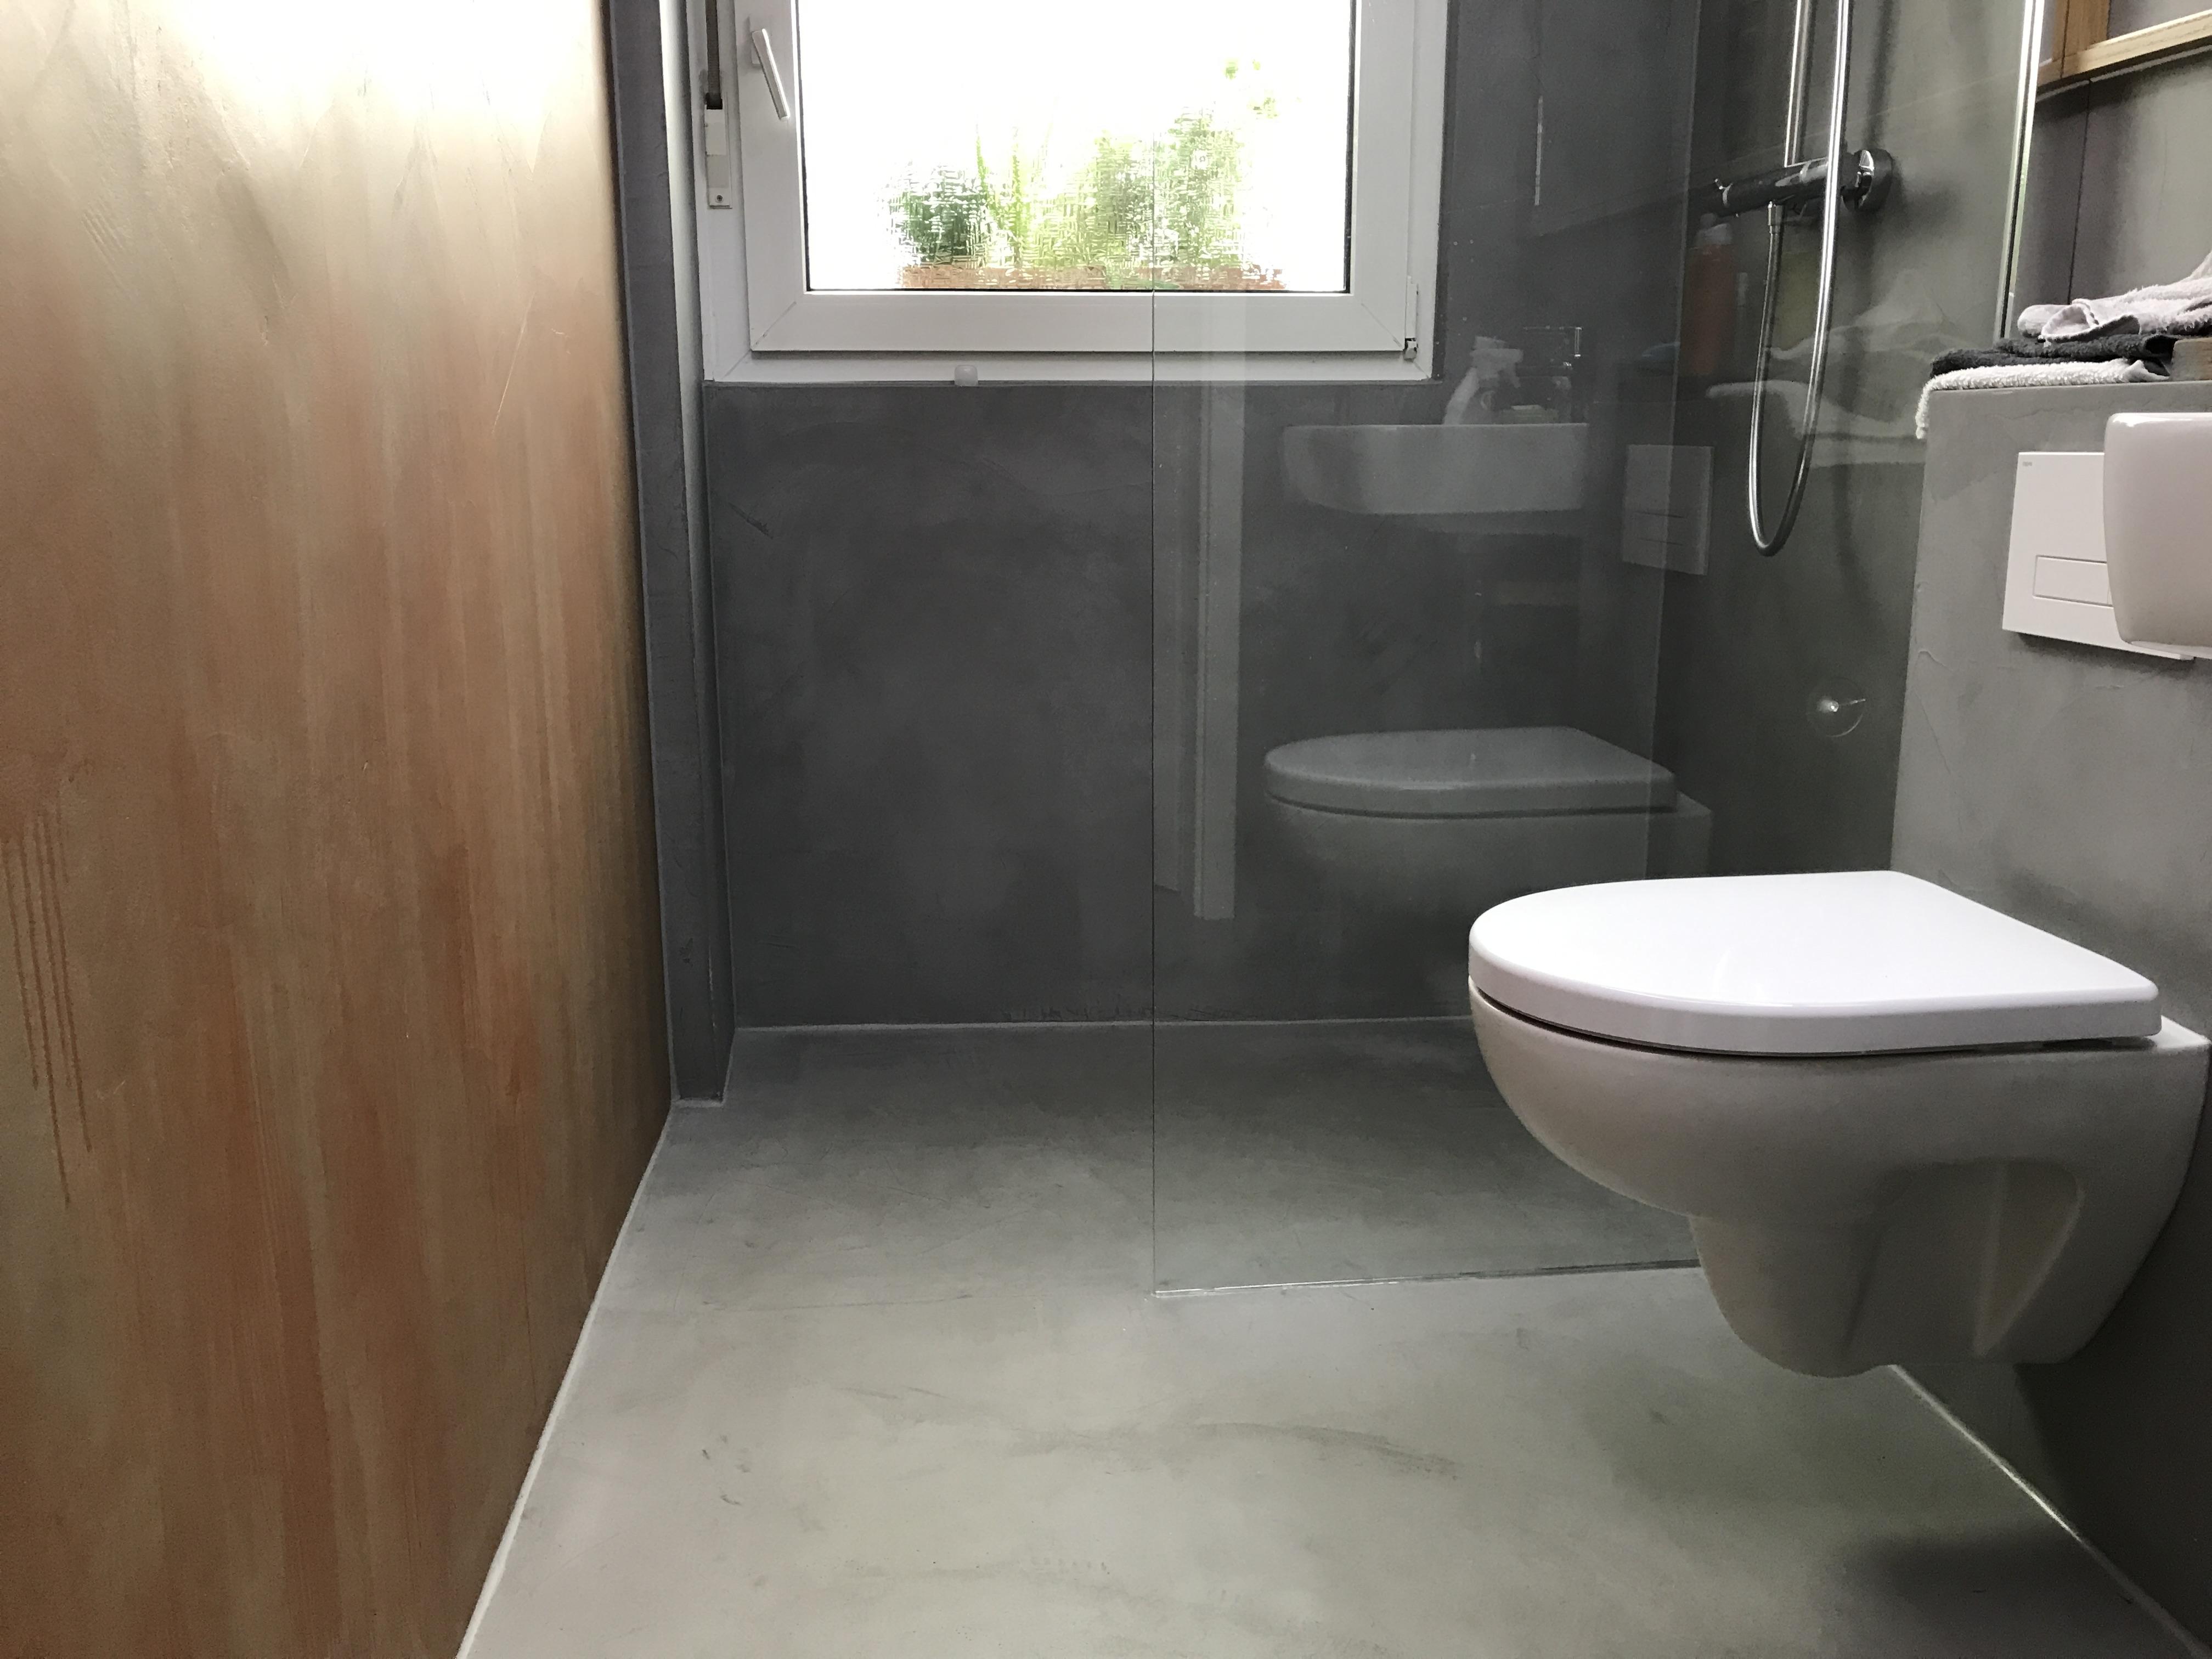 badezimmer mit latest bad renovieren badezimmer dusche with badezimmer mit stunning modernes. Black Bedroom Furniture Sets. Home Design Ideas